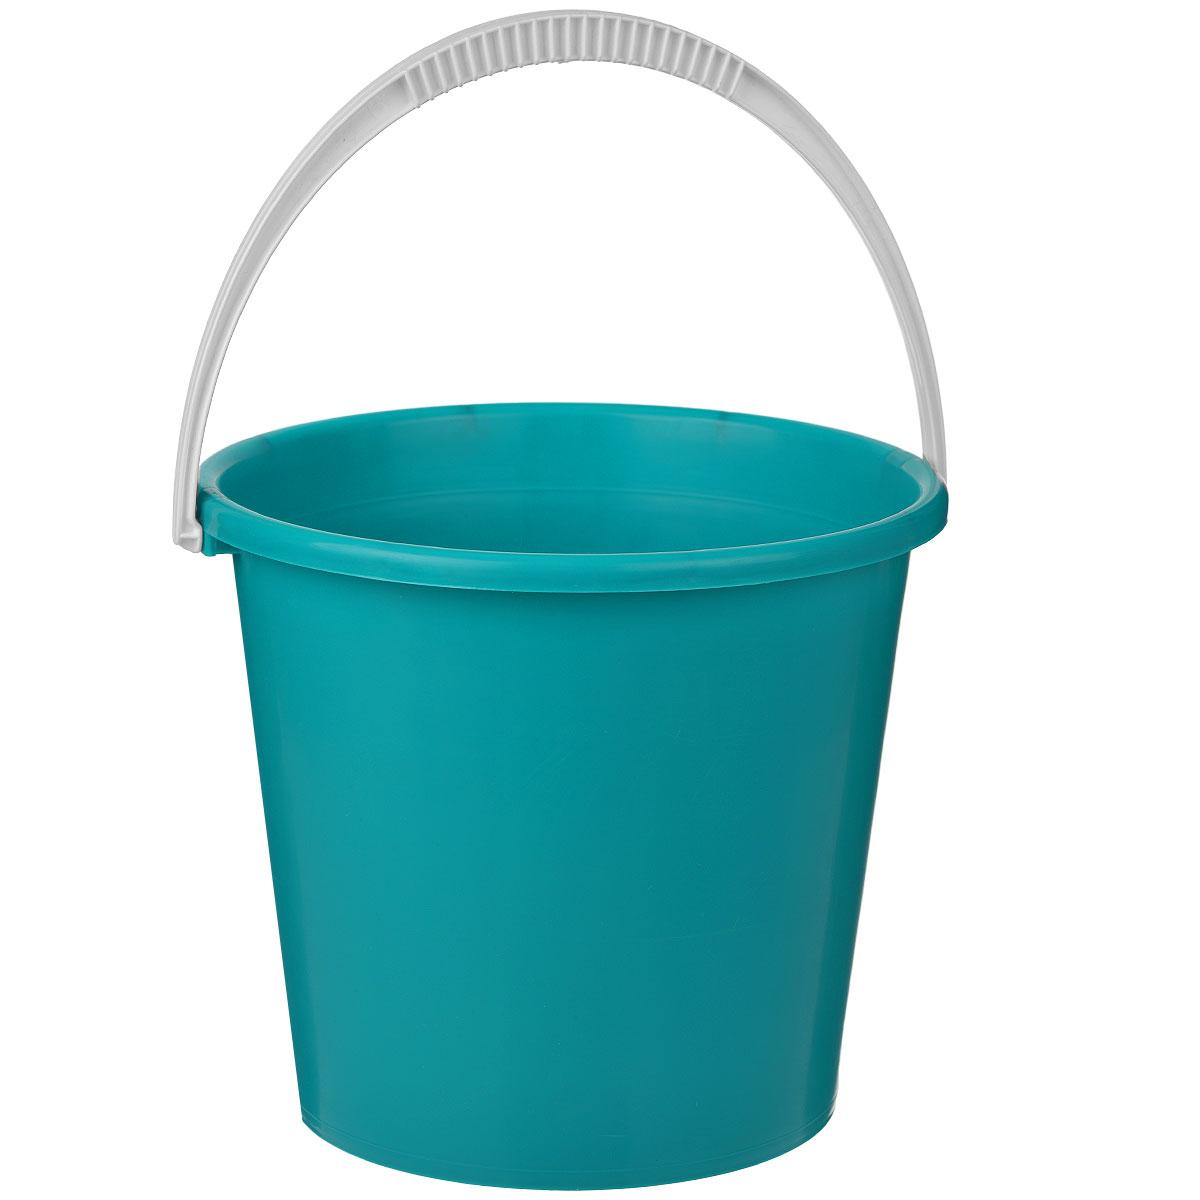 Ведро Альтернатива Крепыш, цвет: бирюзовый, 7 л53730Ведро Альтернатива Крепыш изготовлено из высококачественного одноцветного пластика. Оно легче железного и не подвержено коррозии. Ведро оснащено удобной пластиковой ручкой. Такое ведро станет незаменимым помощником в хозяйстве. Размер: 25 см x 25 см x 22 см.